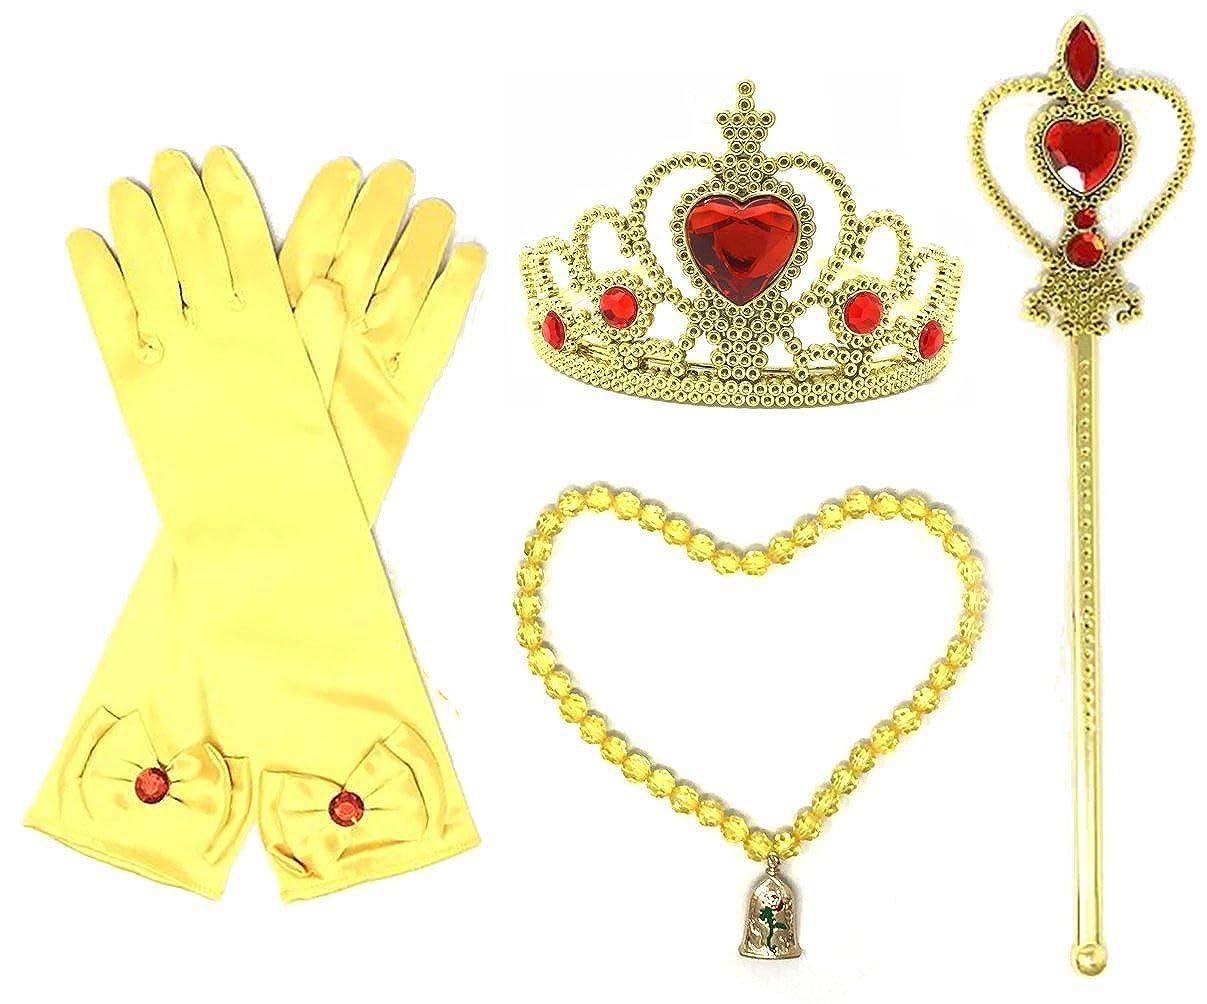 Princess BelleイエロードレスUpパーティーアクセサリー3ピースギフトセット手袋、Tiara and Wand  レッド/ゴールド B06Y1S4RDW